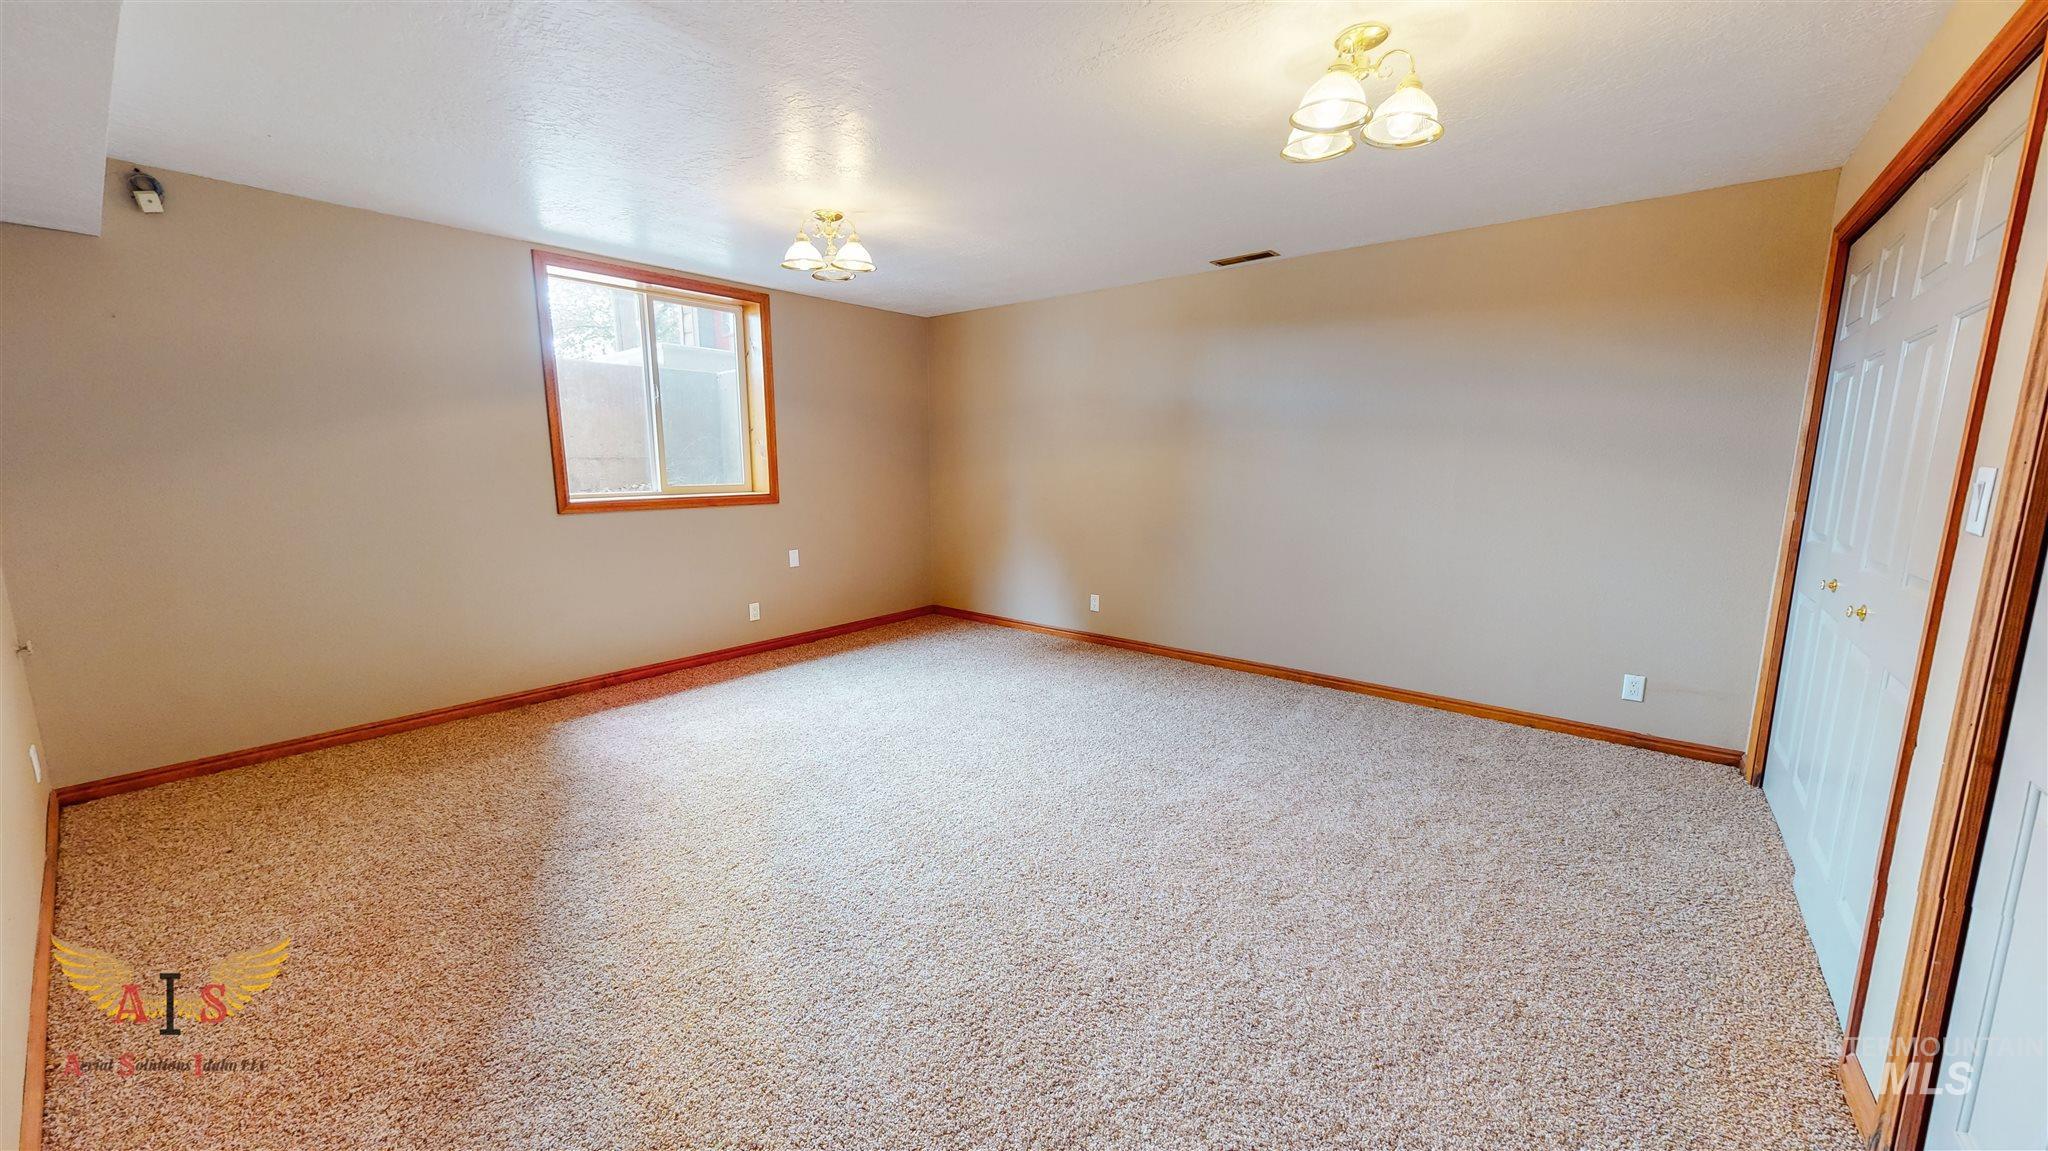 352 S 500 W Property Photo 17